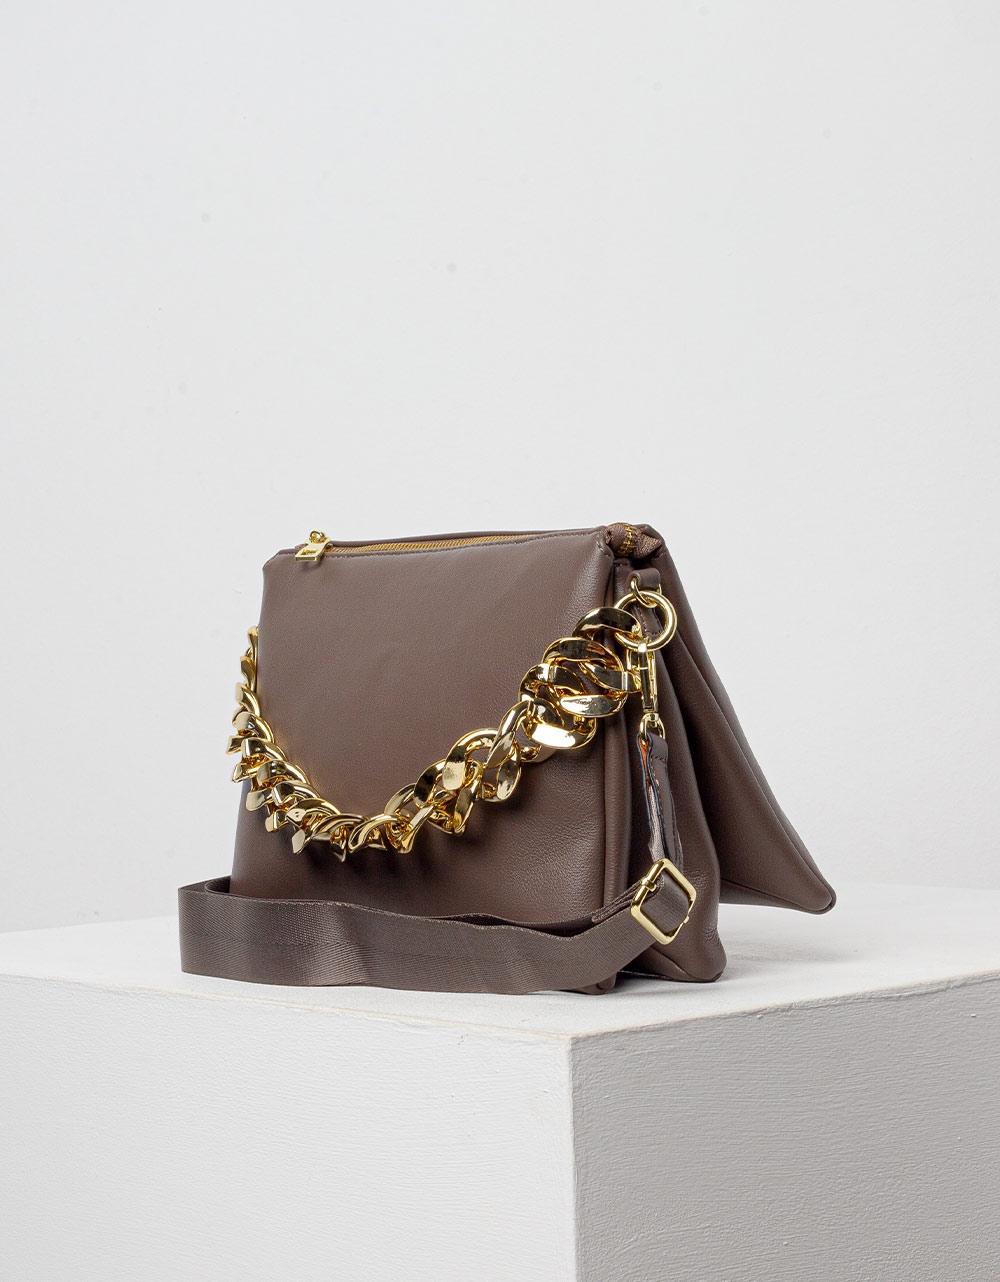 Εικόνα από Γυναικεία τσάντα φάκελος με διακοσμητικούς κρίκους Πούρο